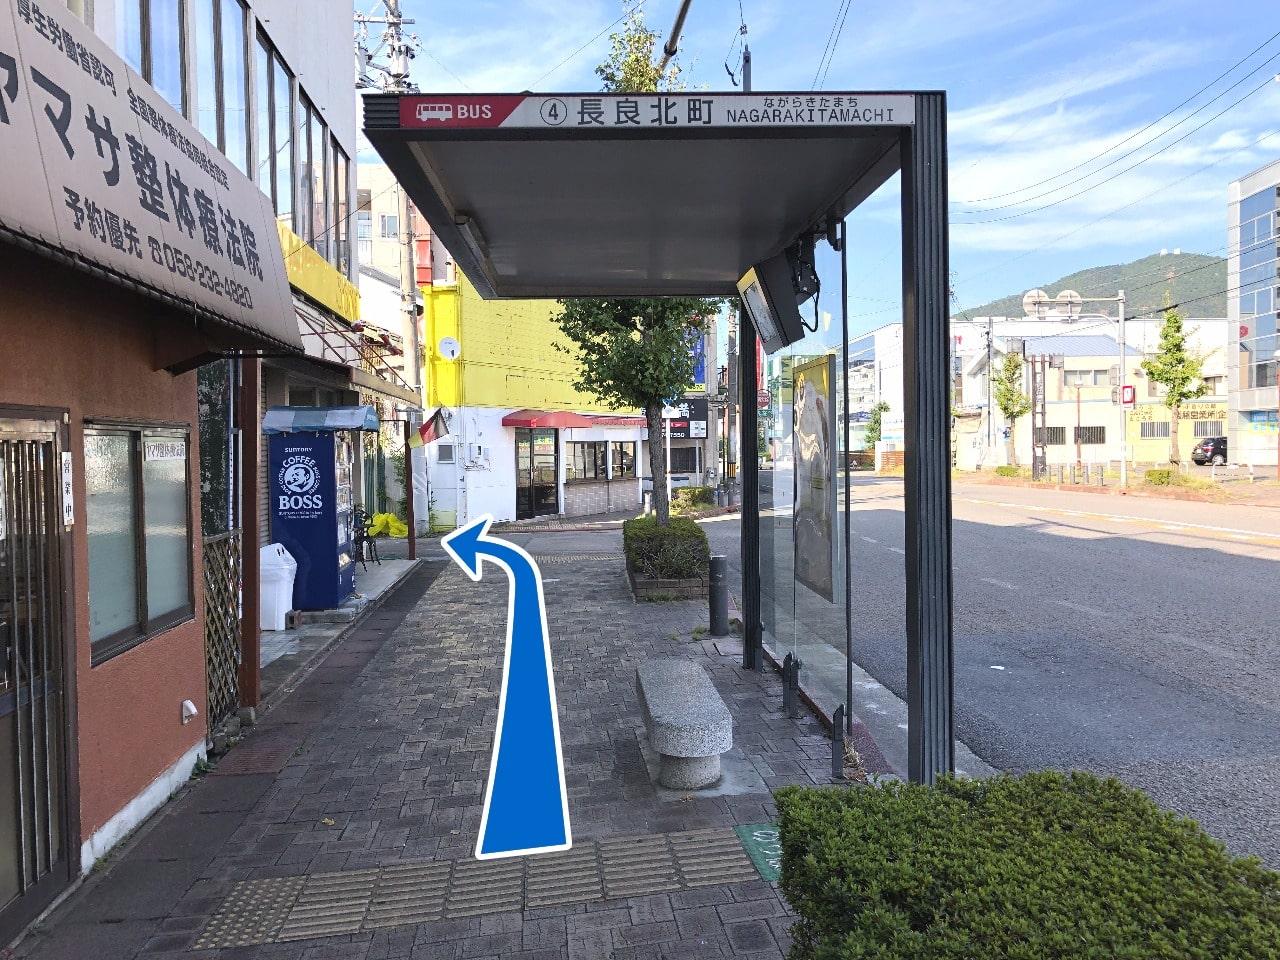 長良北町バス停(高富・塩後・洞戸栗原車庫・岐阜女子大行き)からのイングリッシュ道場へのバスでの行き方